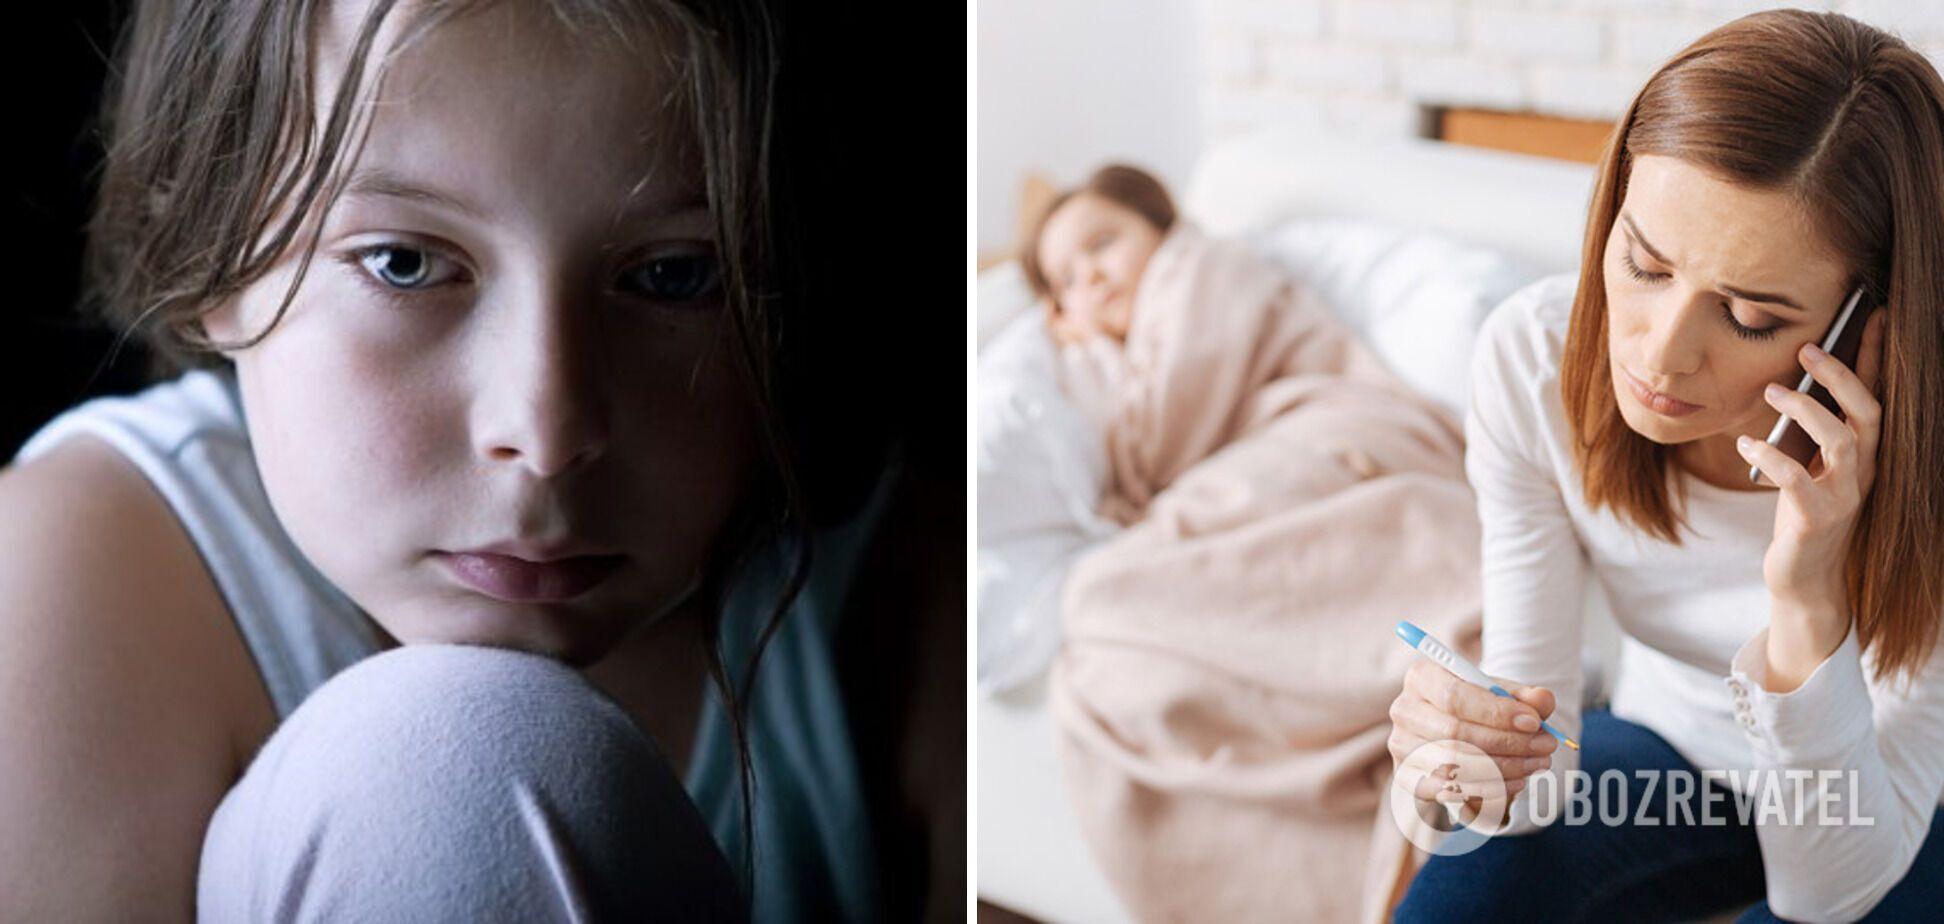 Когда родители нездоровы: что делать и как говорить с ребенком о болезни